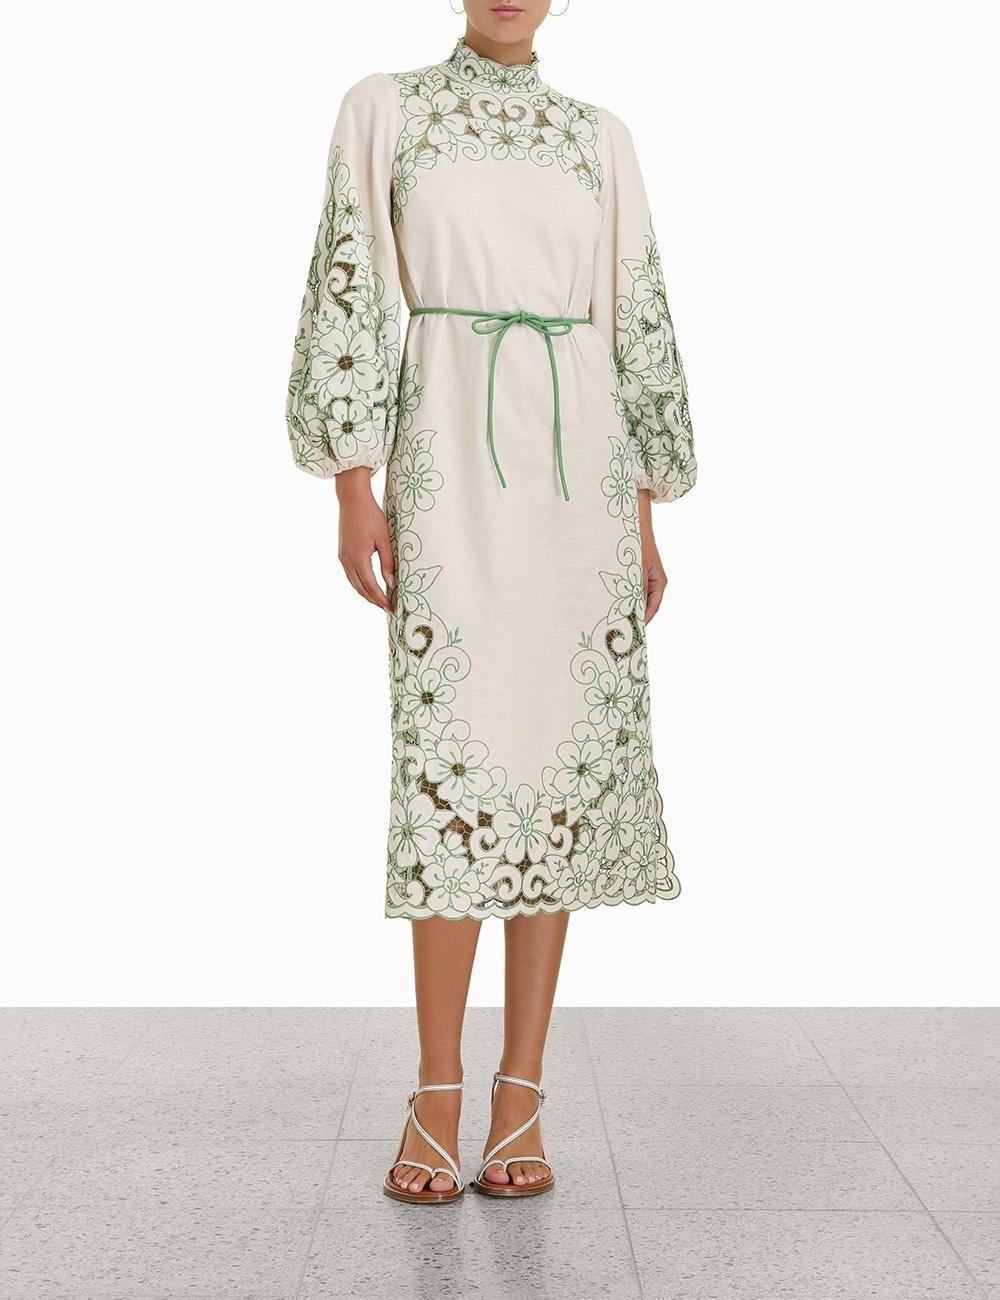 2021 vacaciones de primavera y verano nuevo retro cheongsam estilo hueco medio alto vestido de cuello